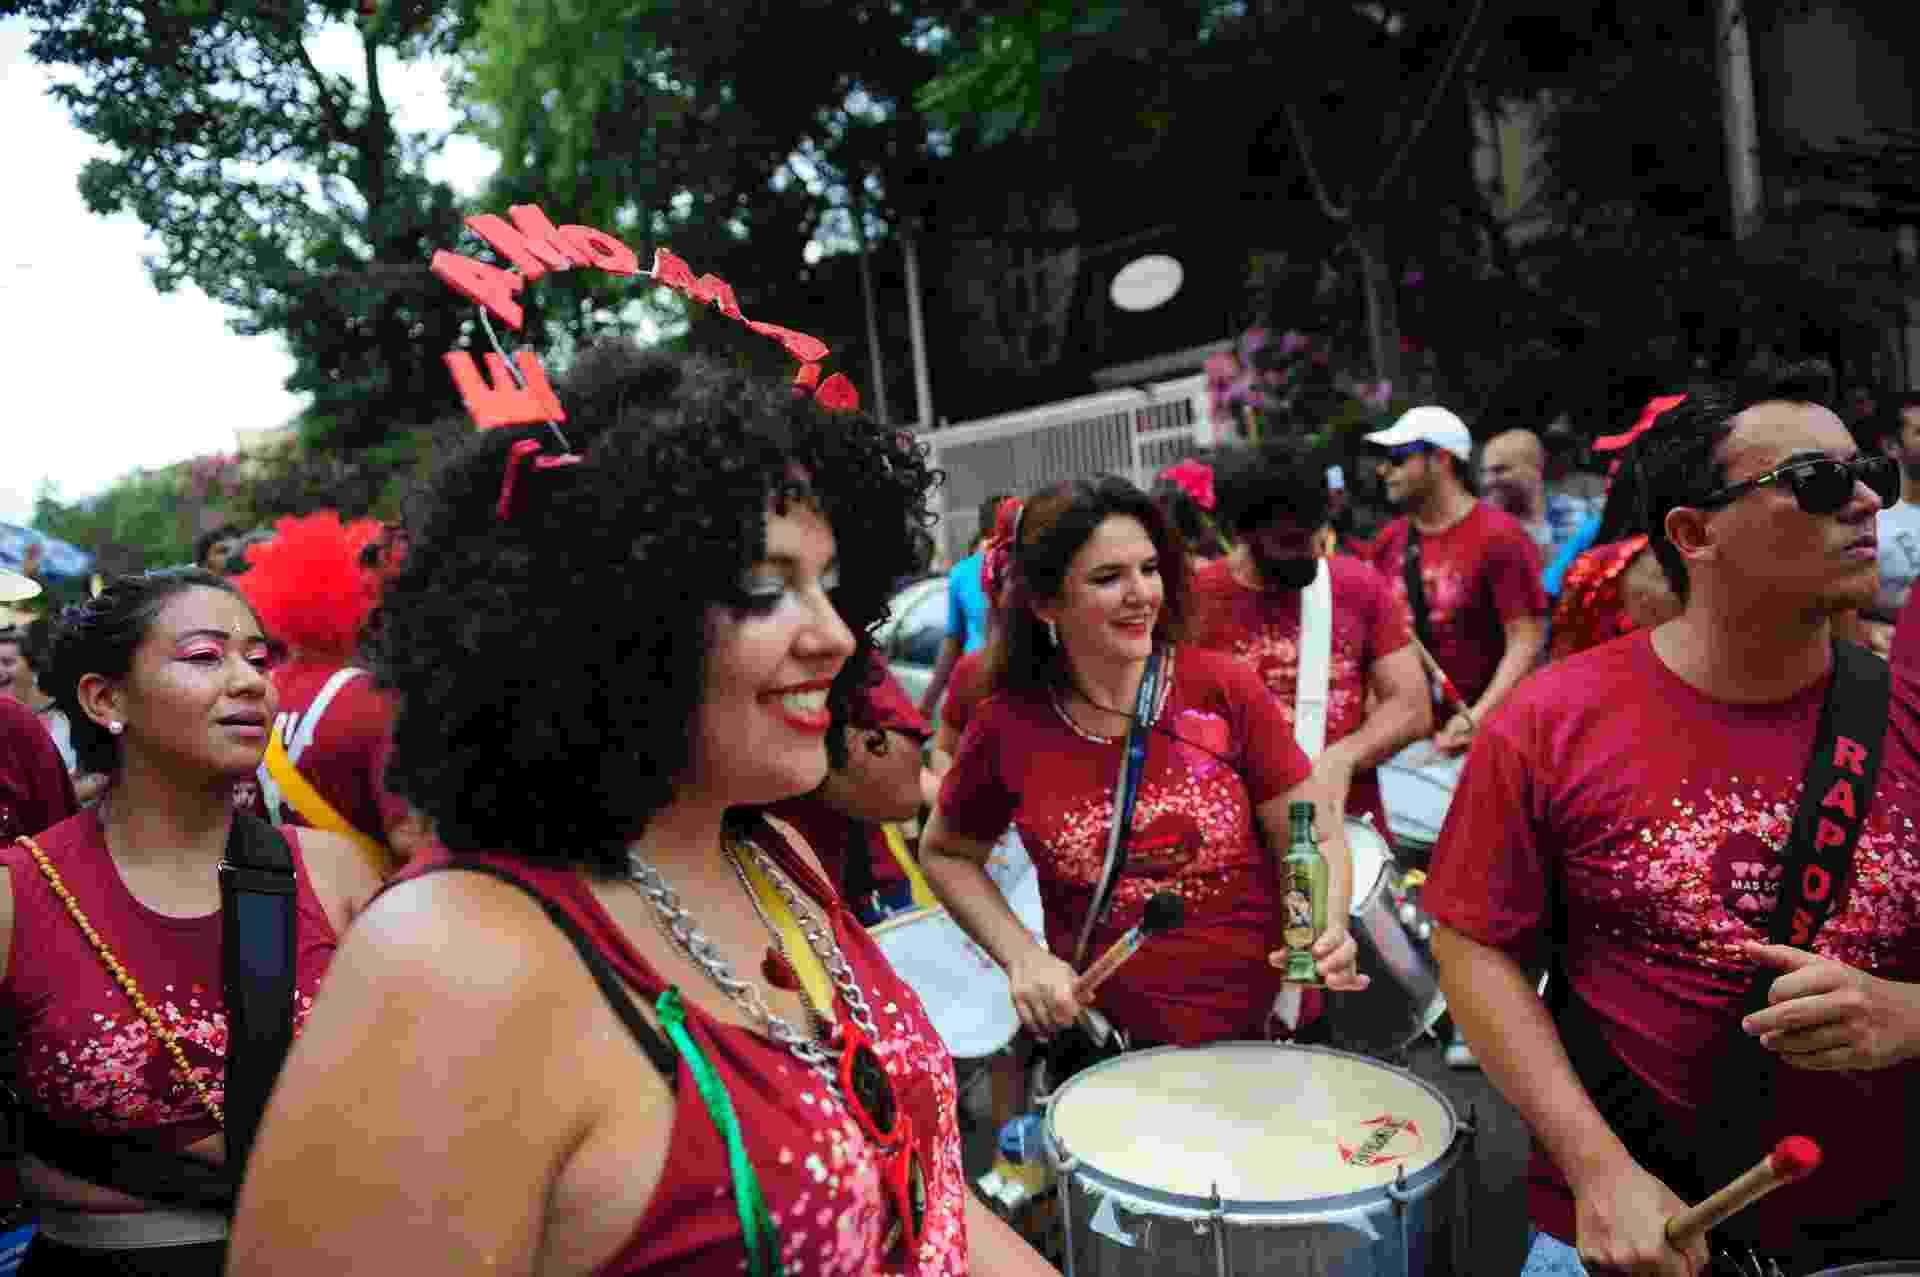 Bloco Te Amo, Mas Só Como Amigo desfila pelas ruas de Pinheiros na tarde deste sábado (17) - Junior Lago/UOL